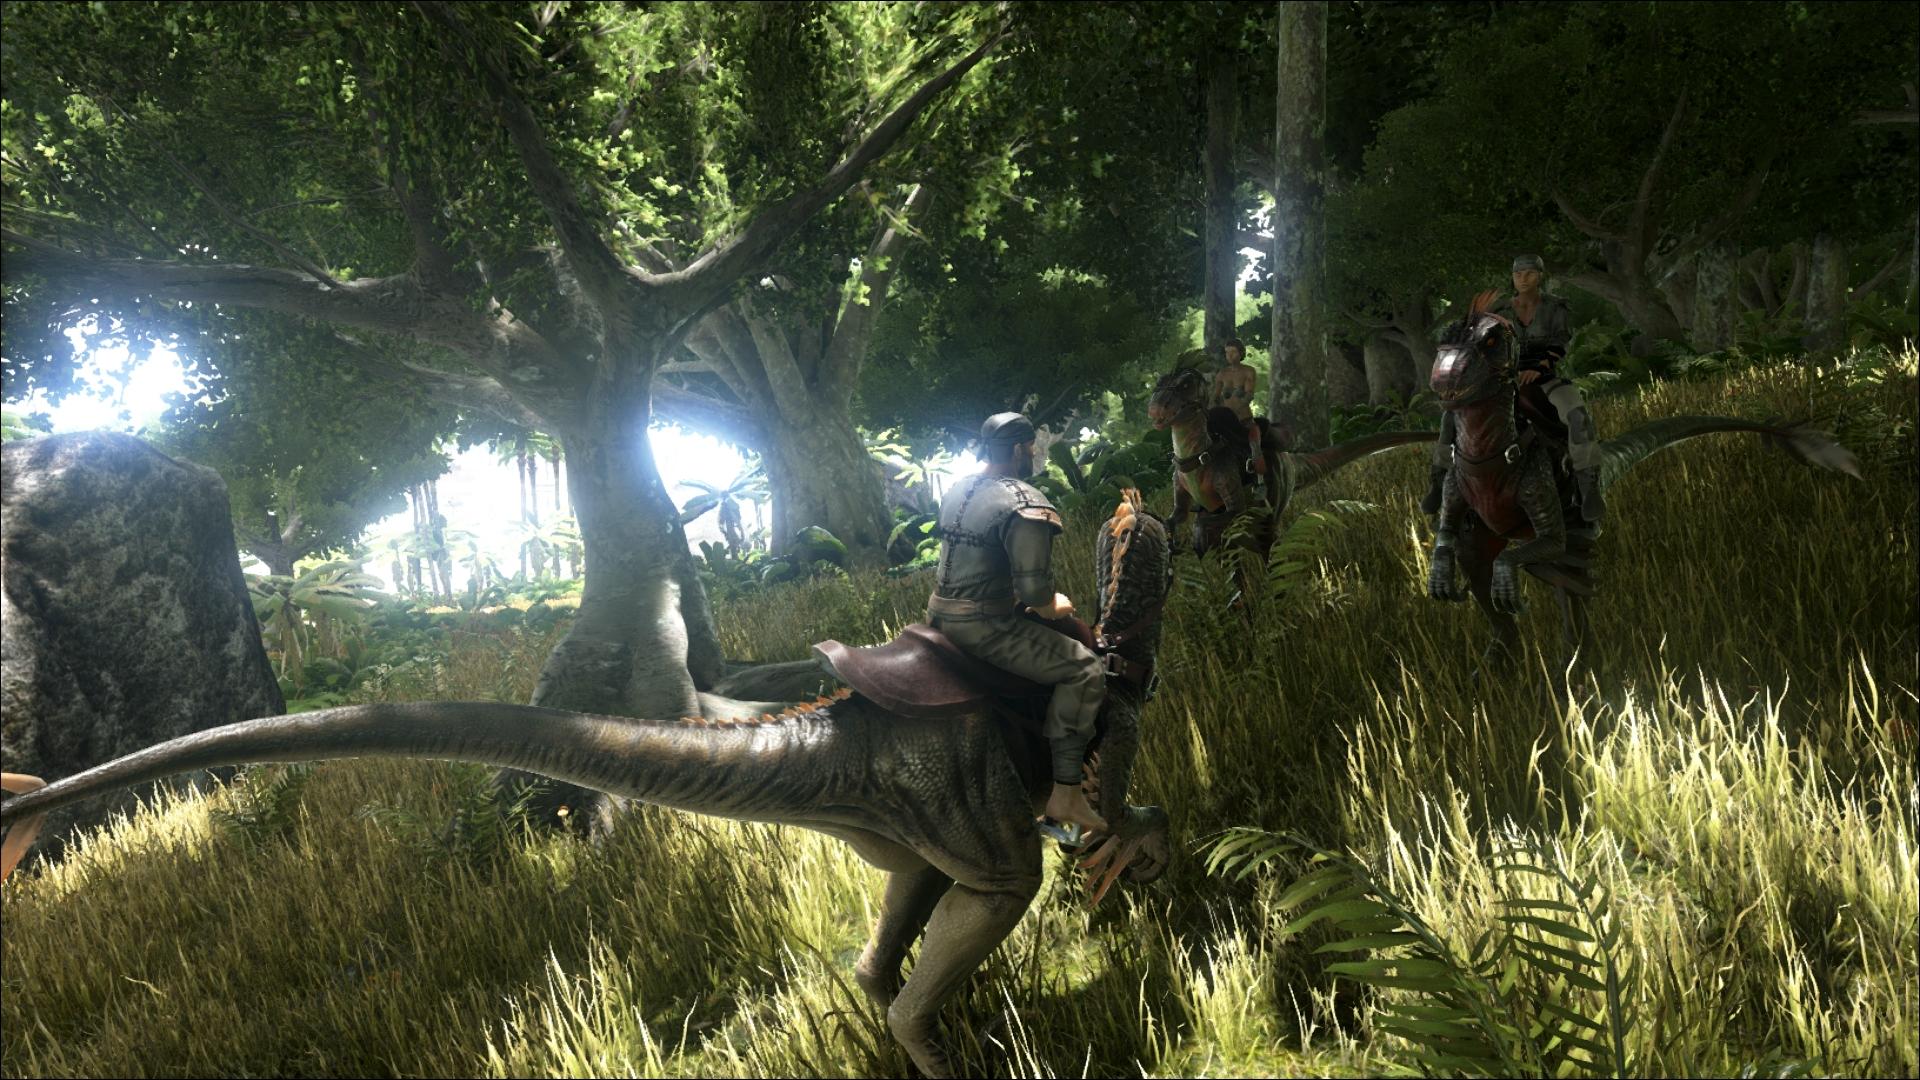 ARK - Survival Evolved - Schnelle Reitdinos im Wald